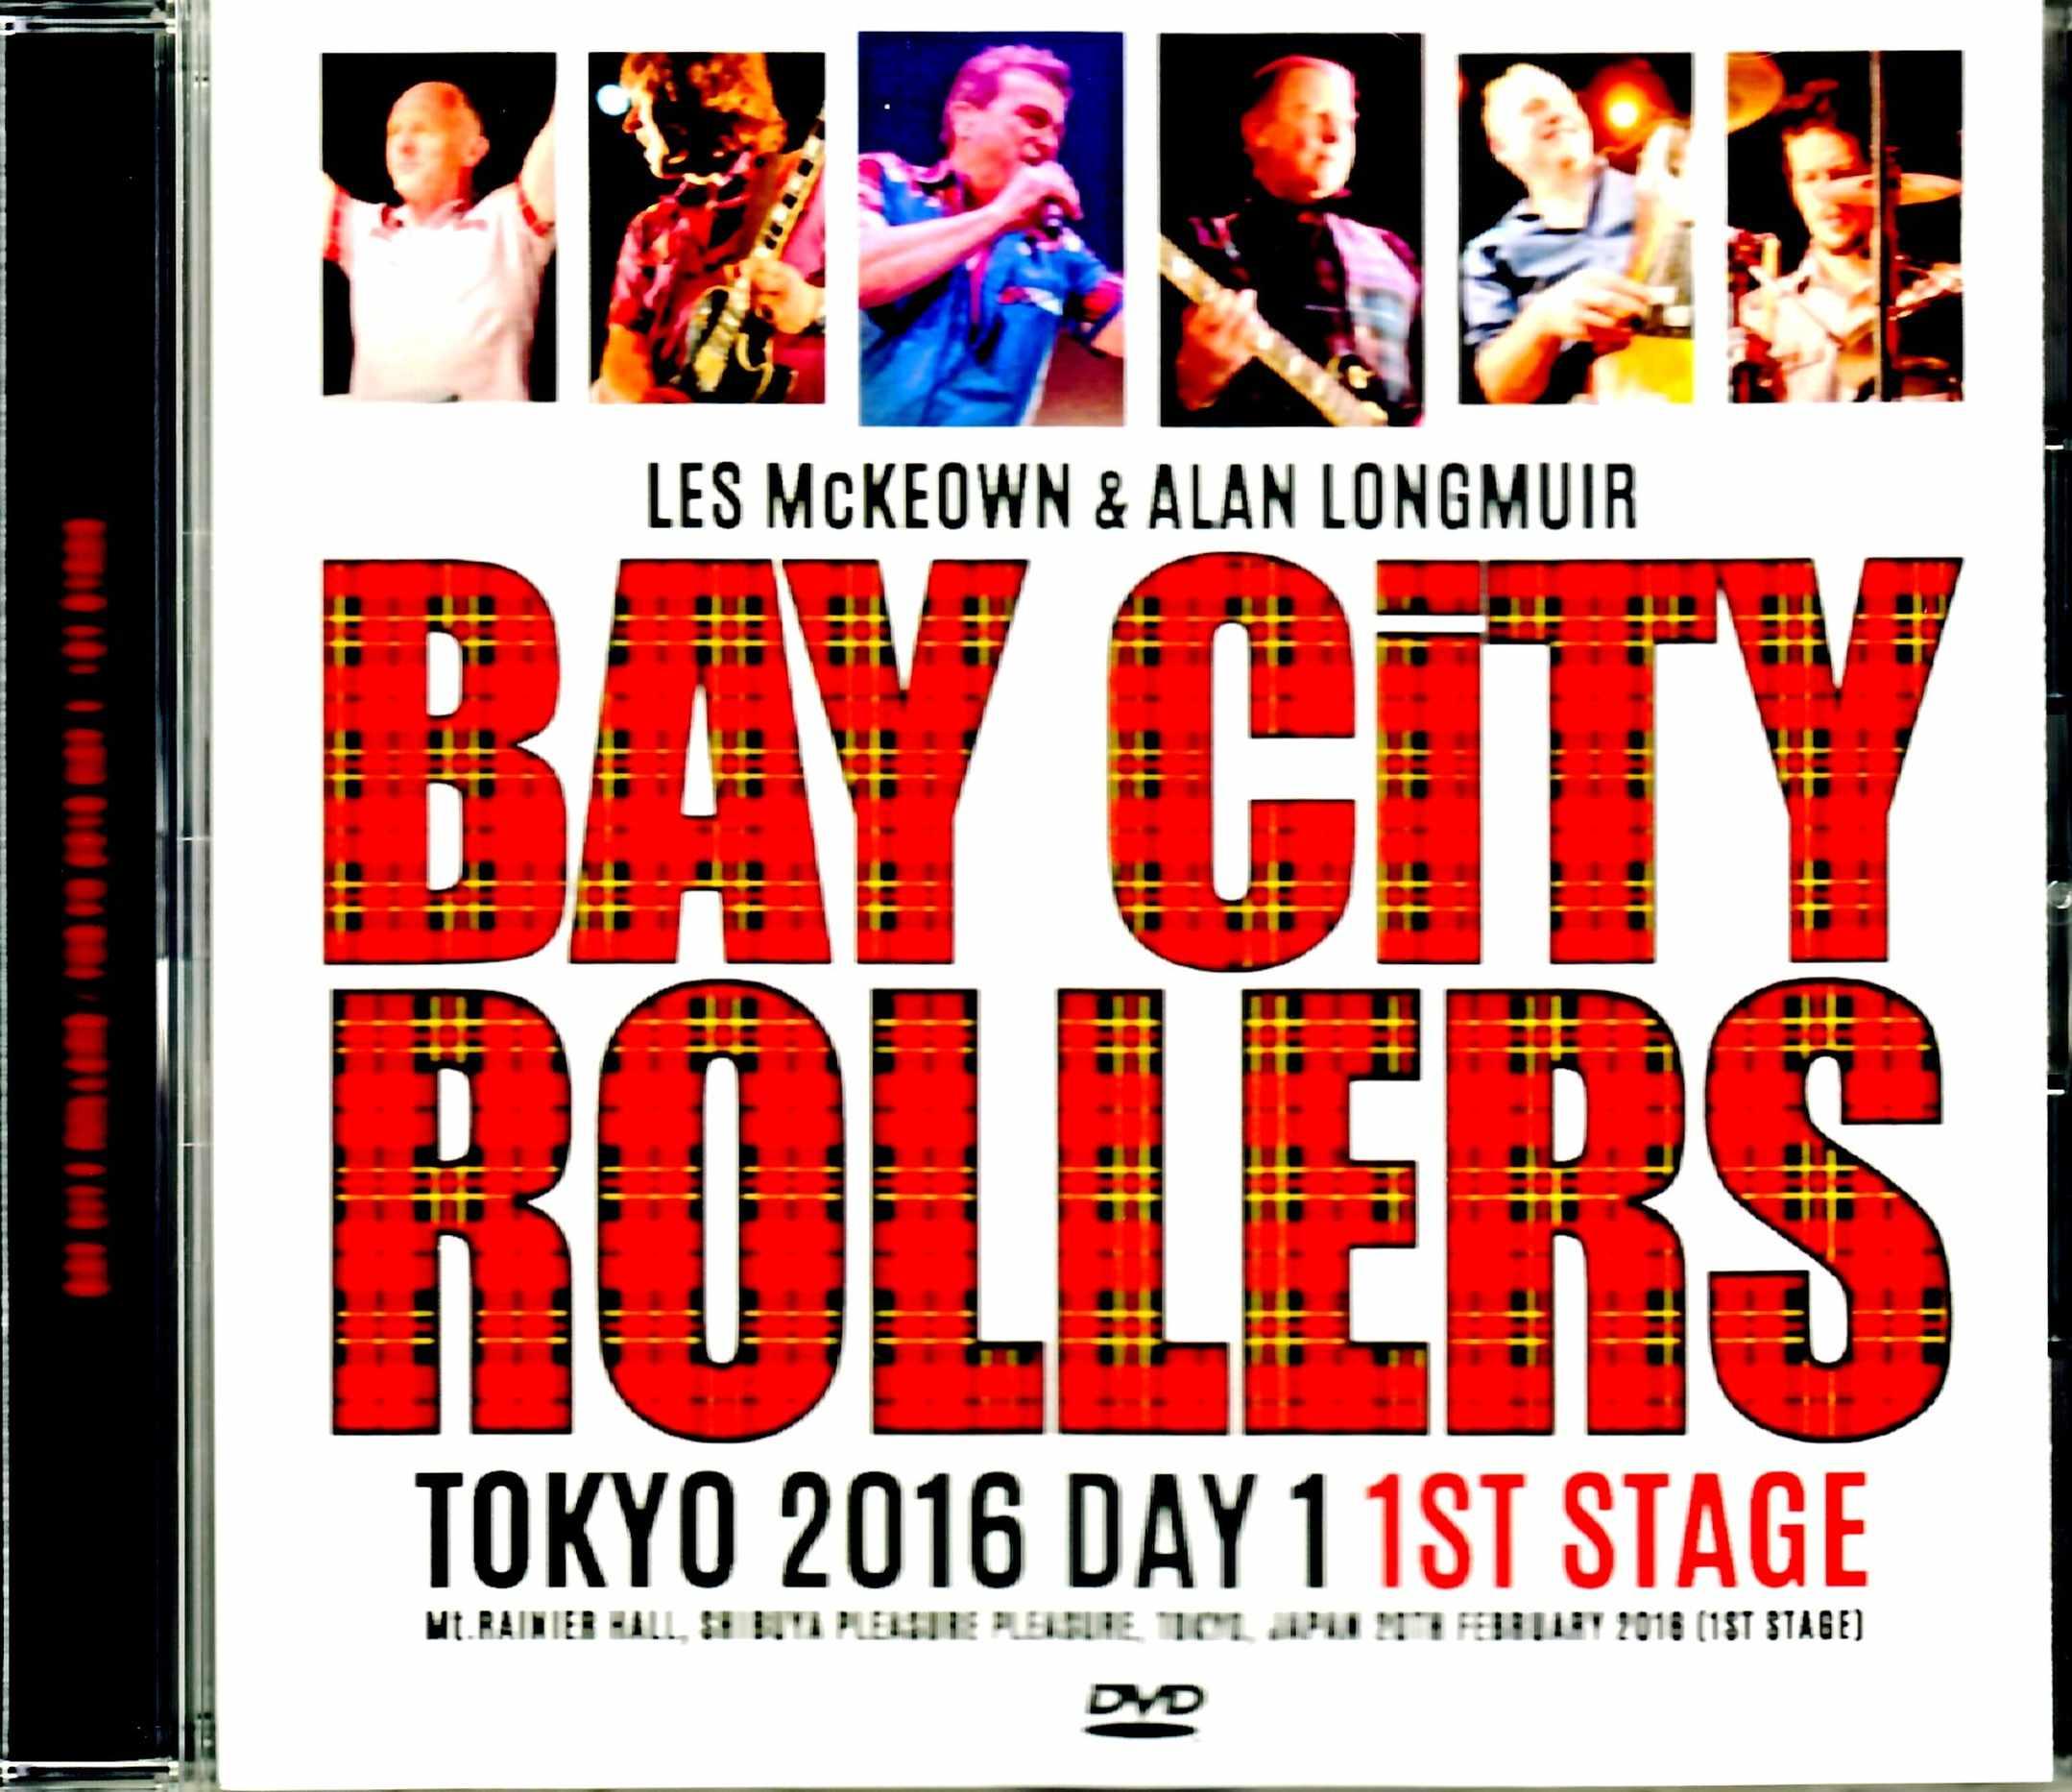 Bay City Rollers ベイ・シティ・ローラーズ/Tokyo,Japan 2.20.2016